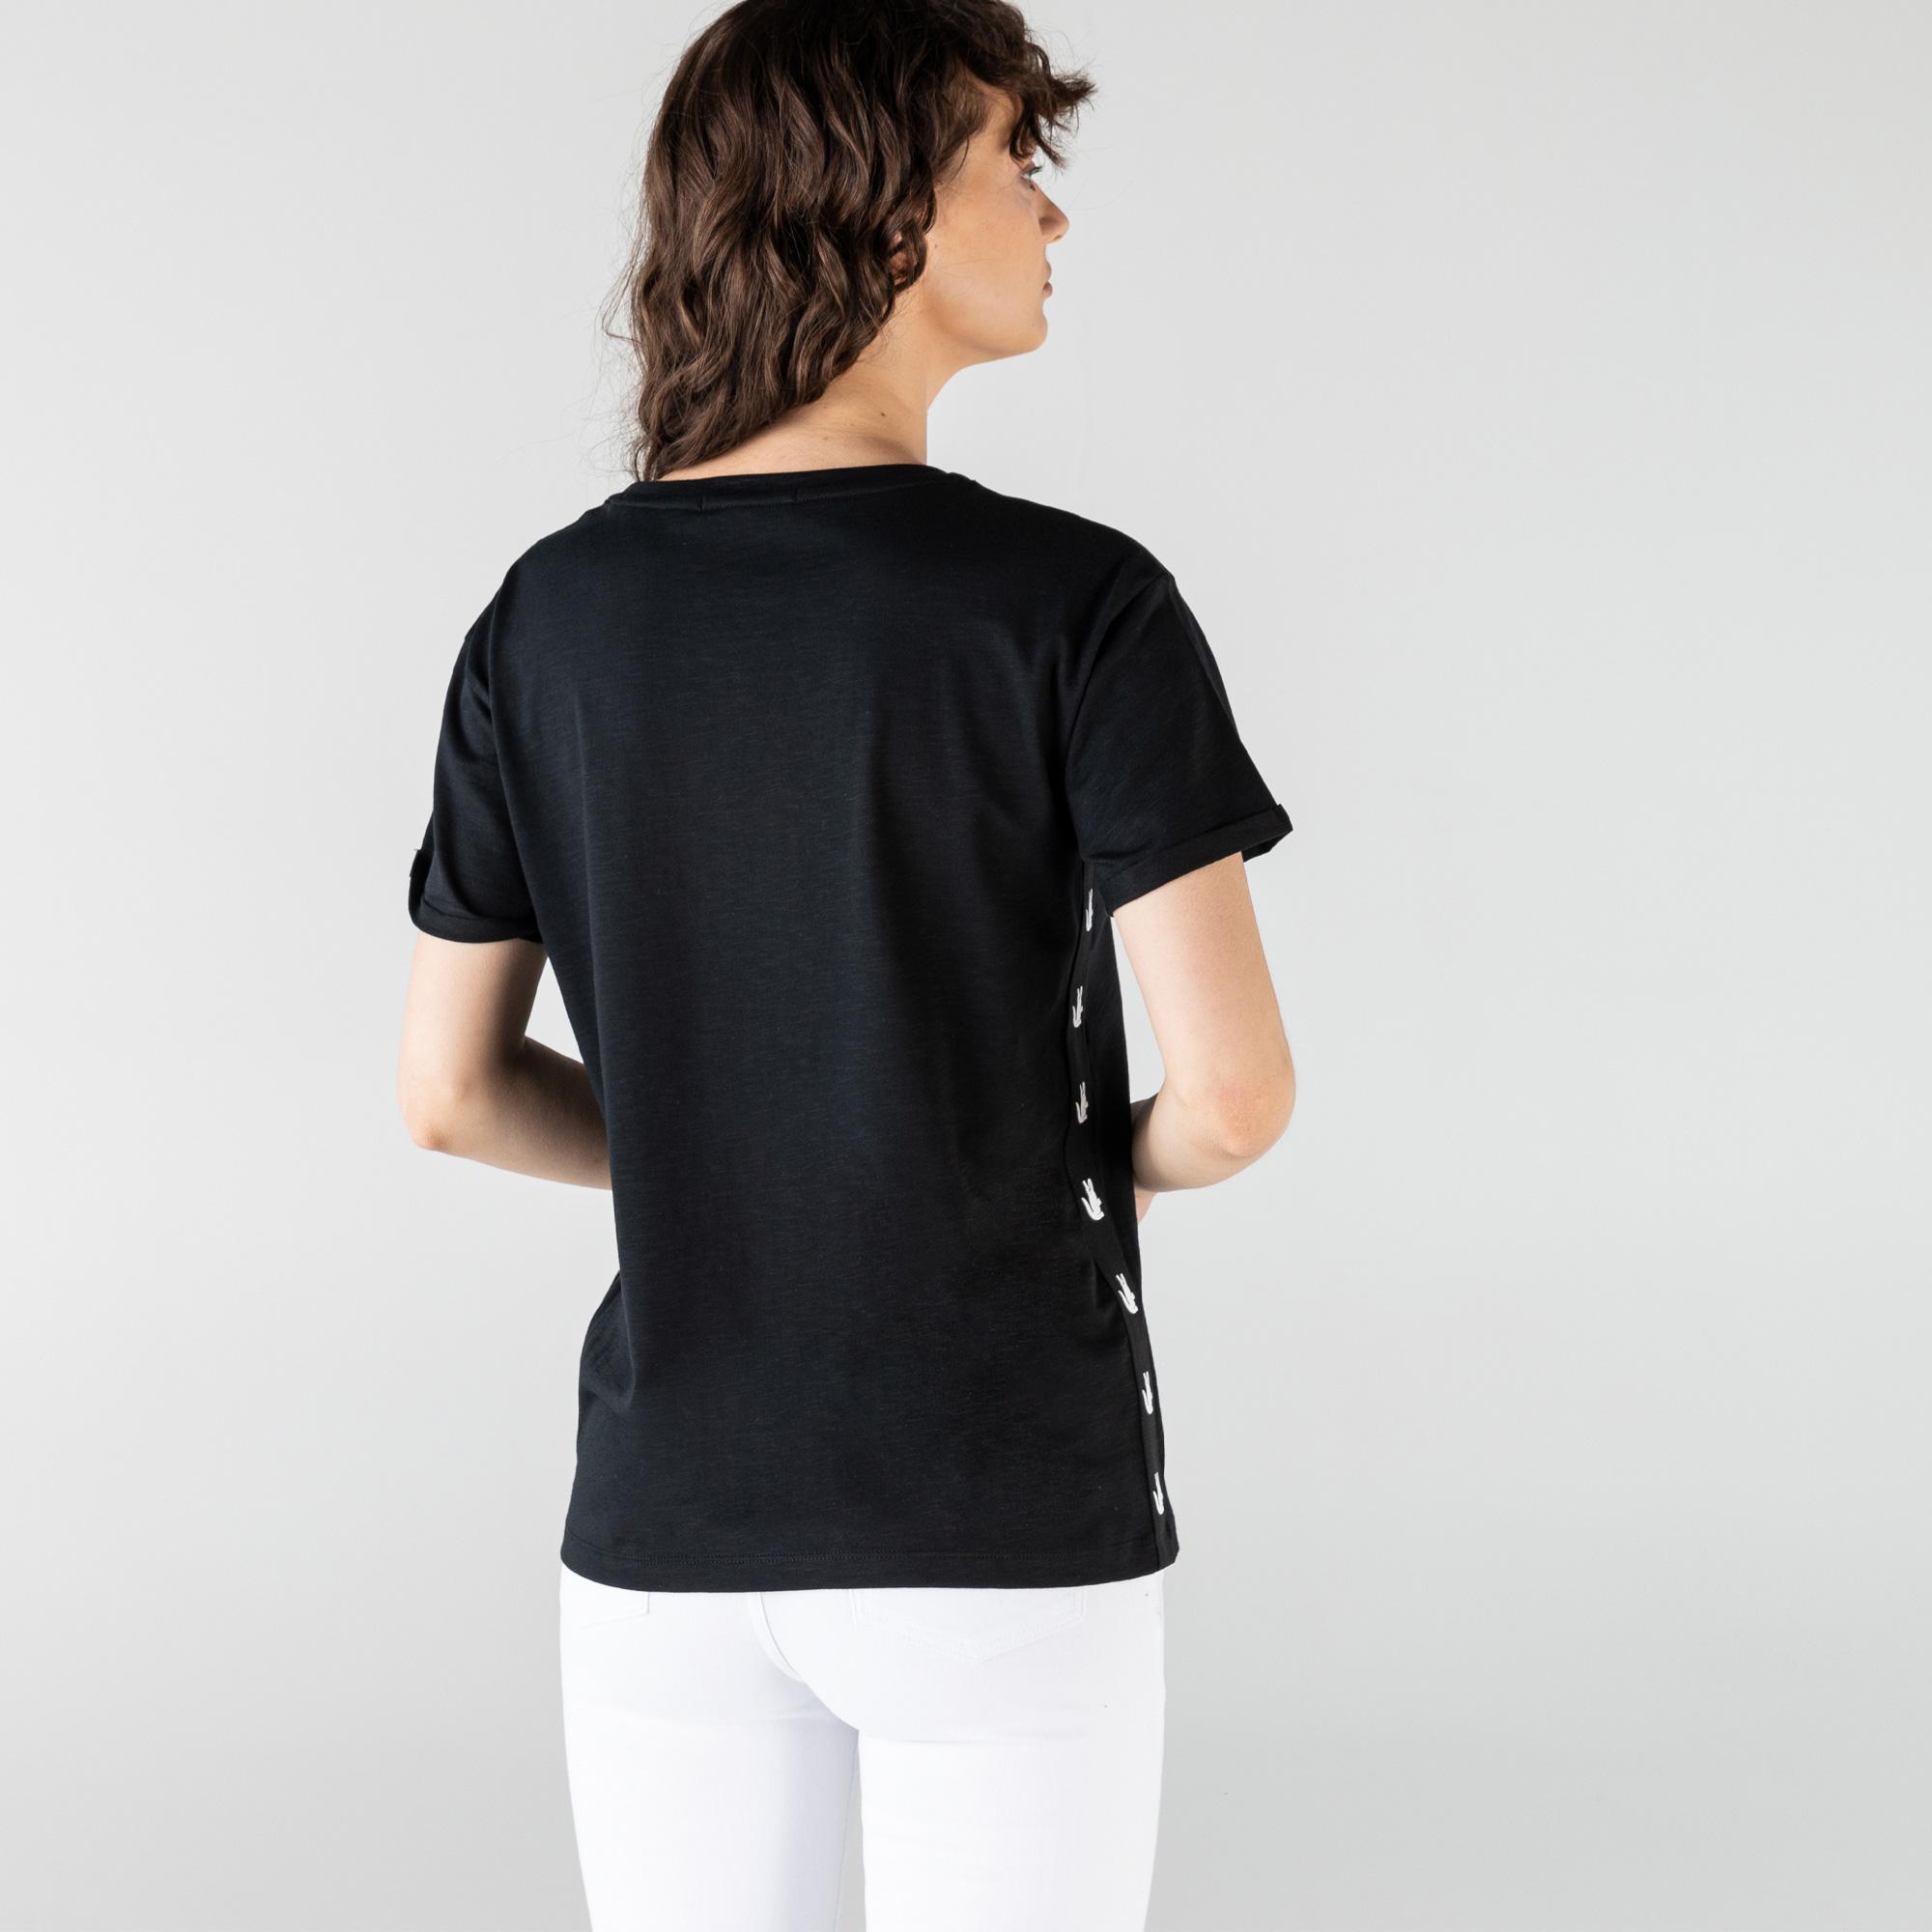 Lacoste Kadın Regular Fit Bisiklet Yaka Siyah T-Shirt